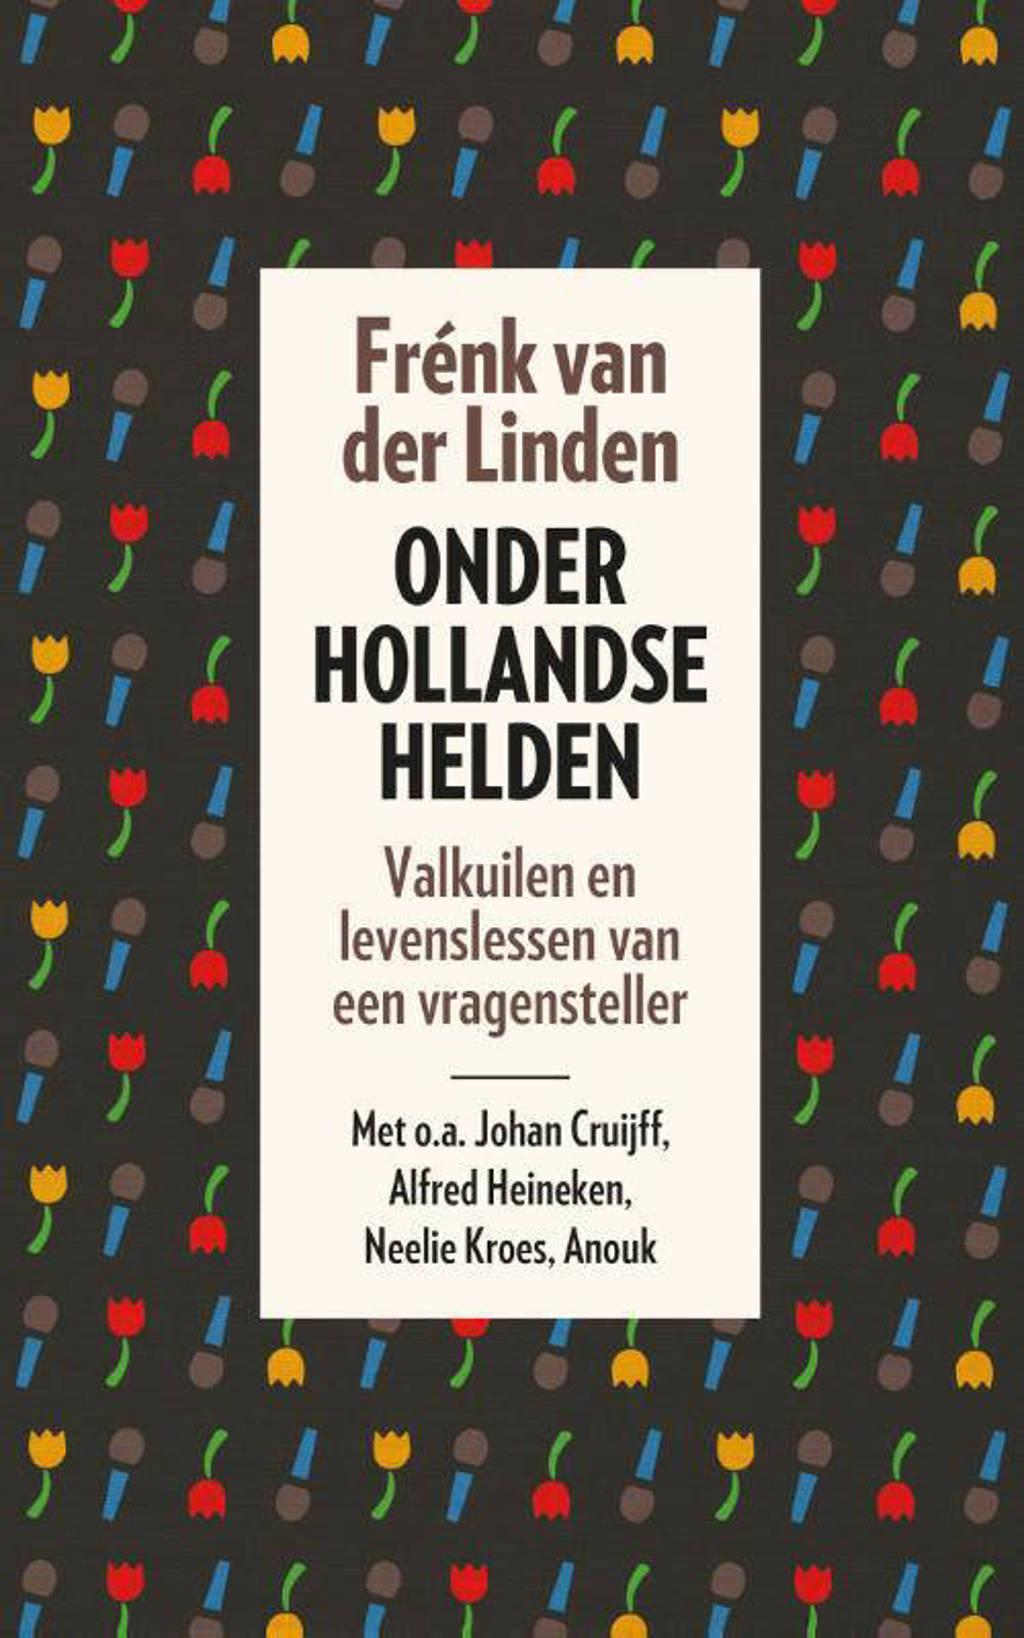 Onder Hollandse helden - Frénk van der Linden